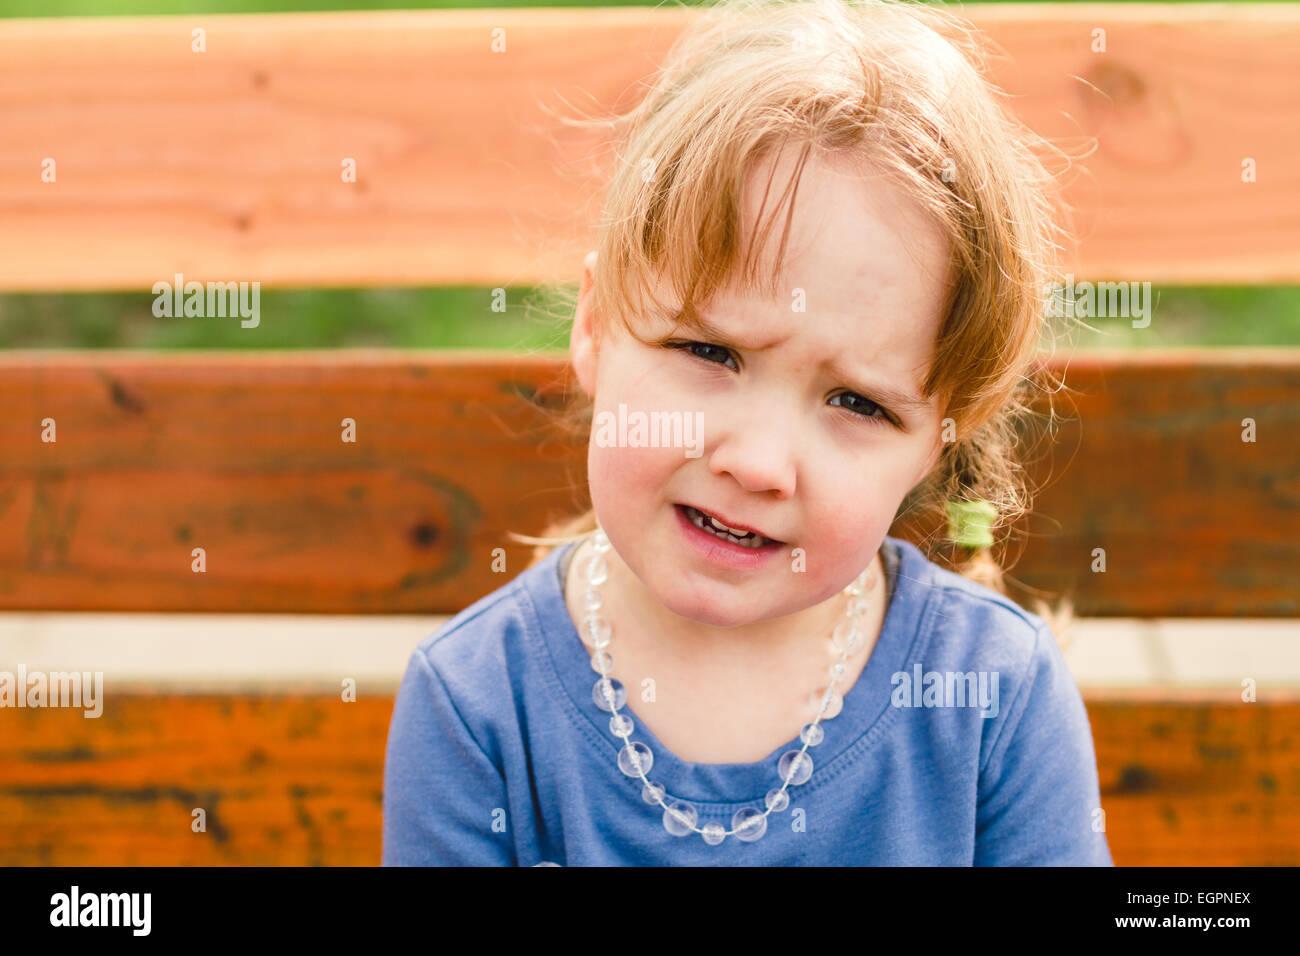 Style de vie portrait d'une jeune fille dans un parc avec lumière naturelle. Photo Stock